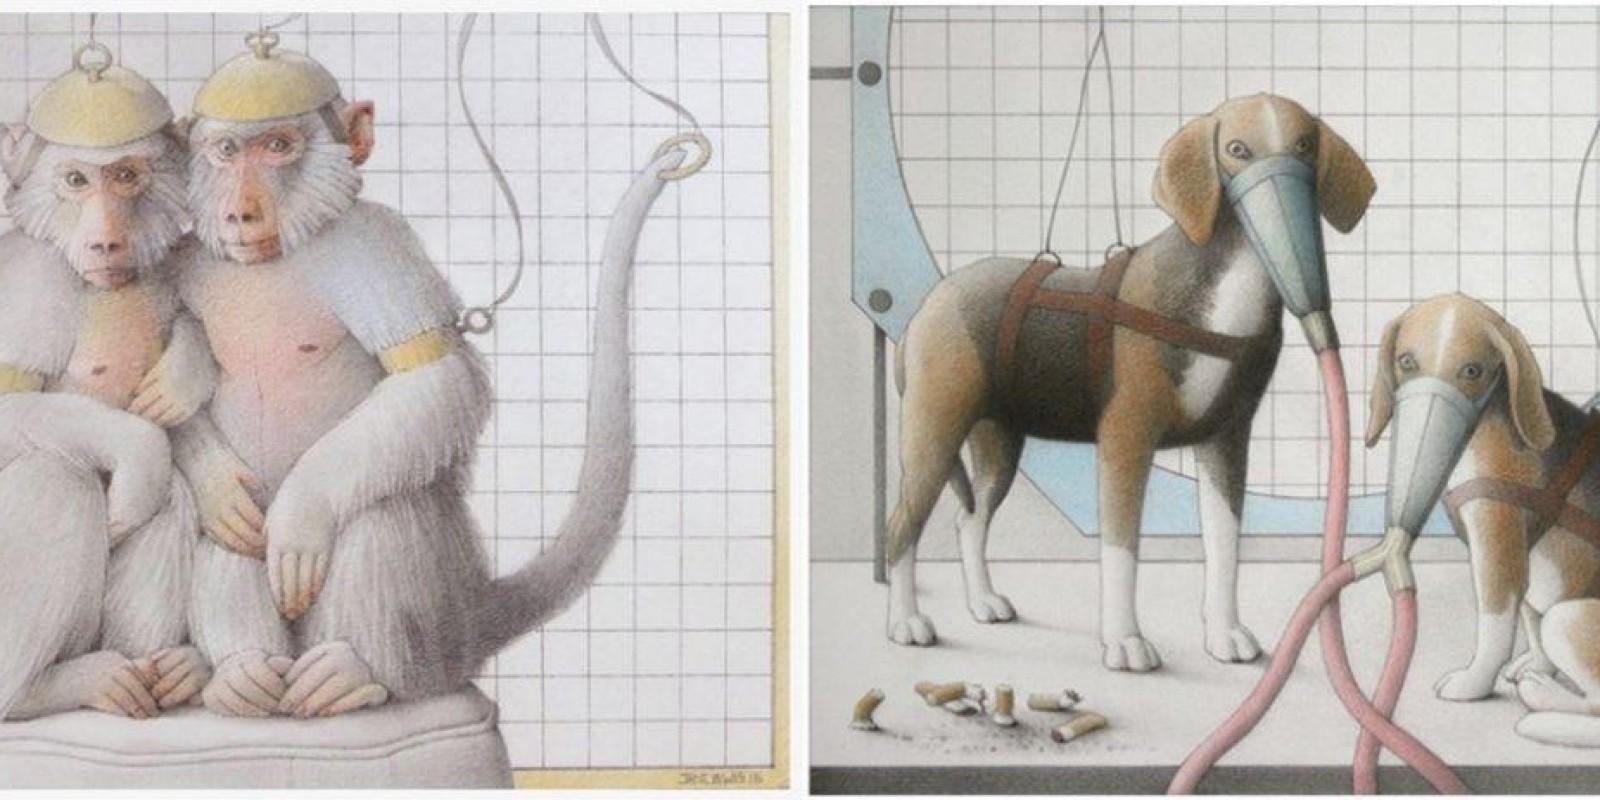 Assim os laboratórios torturam animais